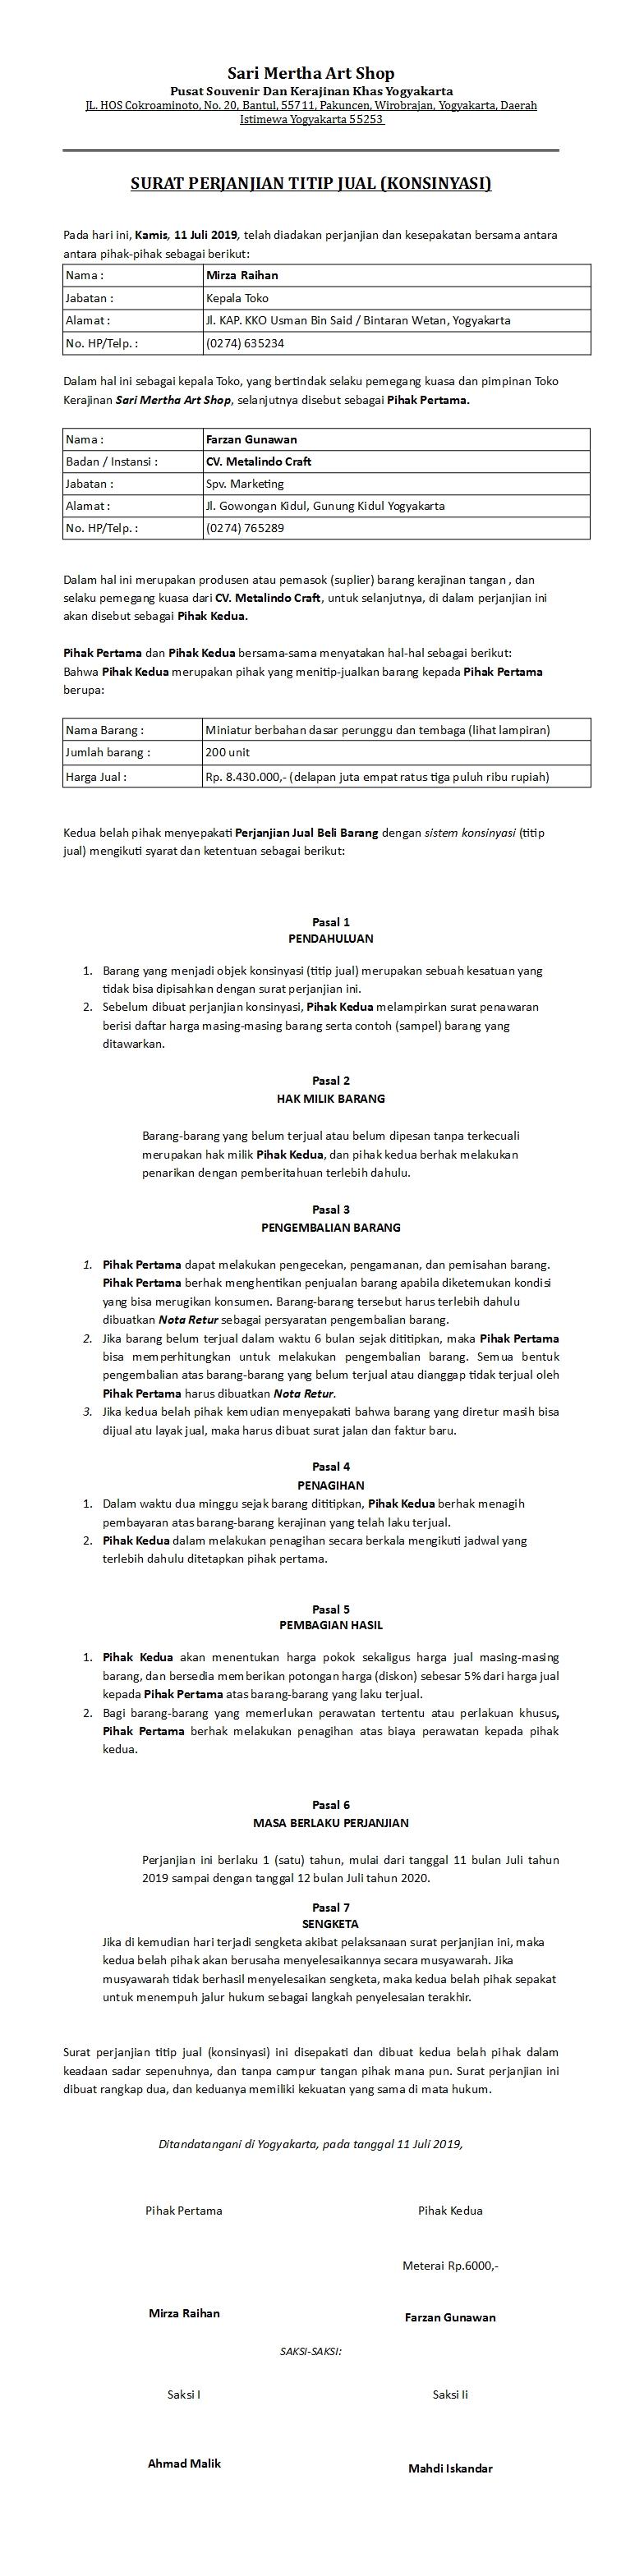 Contoh Surat Perjanjian Konsinyasi Atau Titip Jual Sederhana